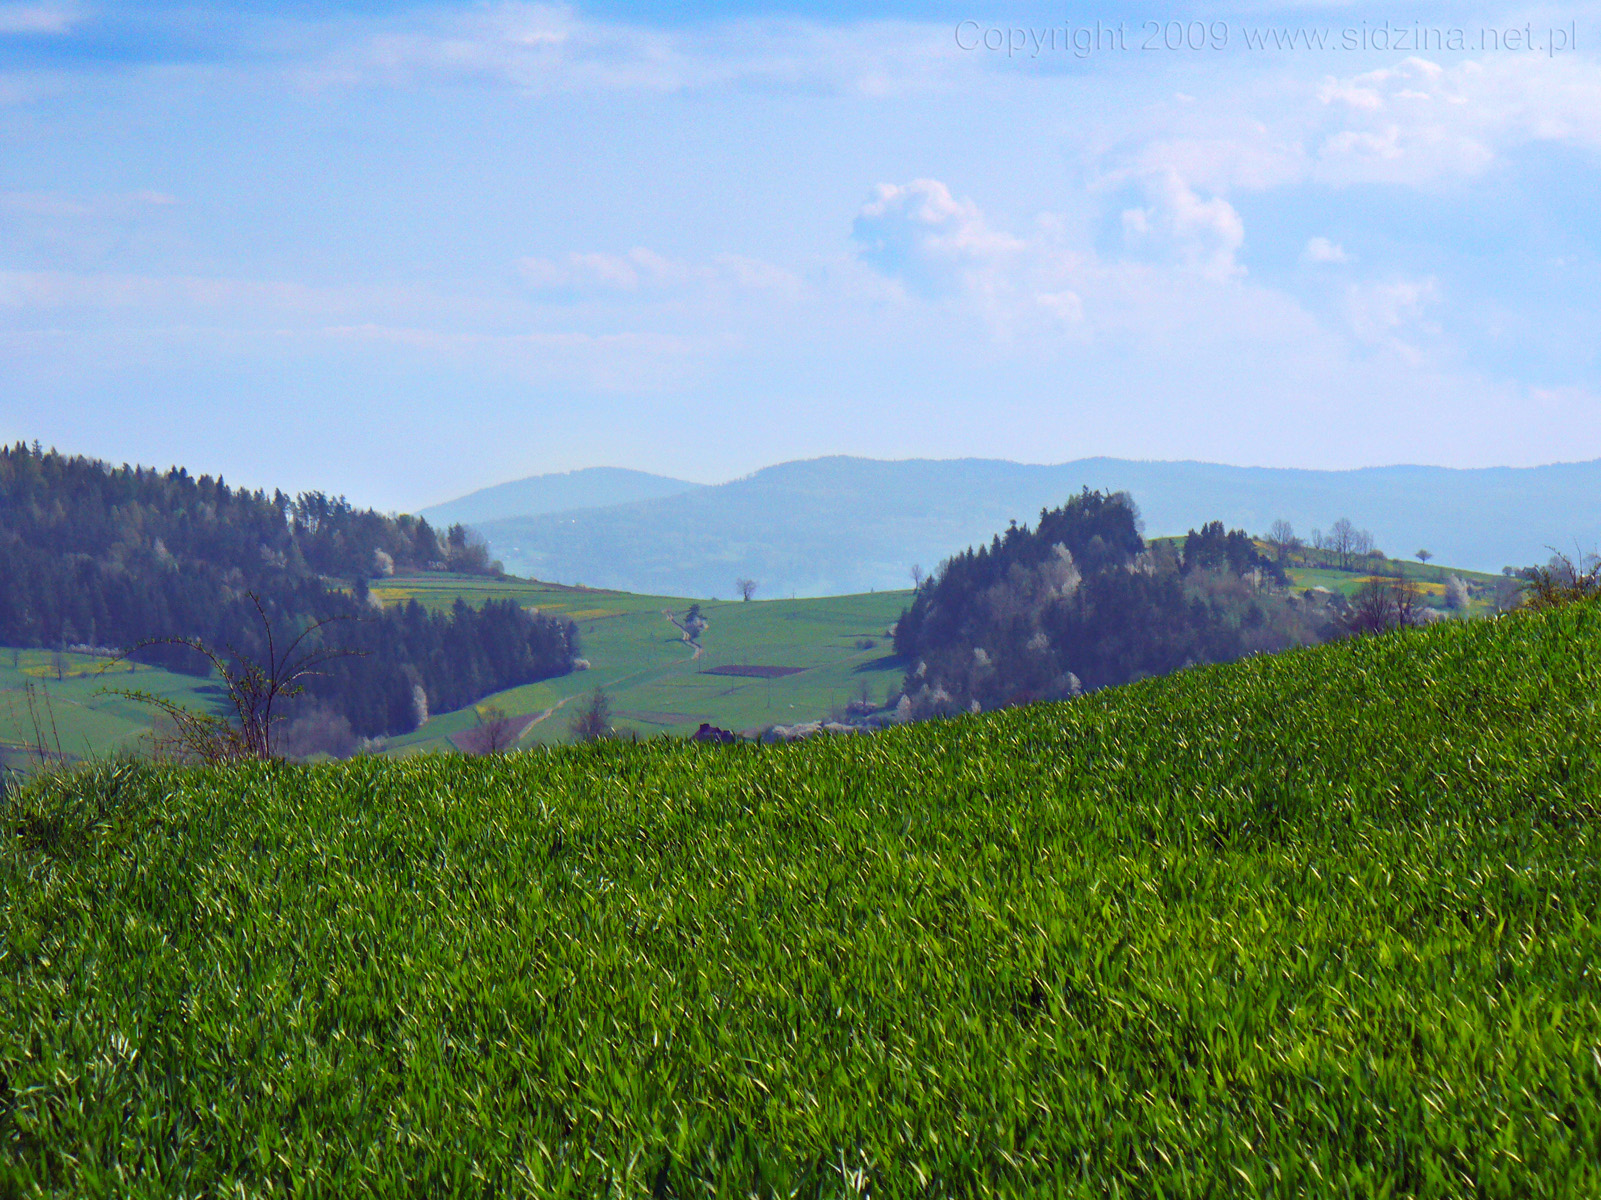 Zielona łąka i dal